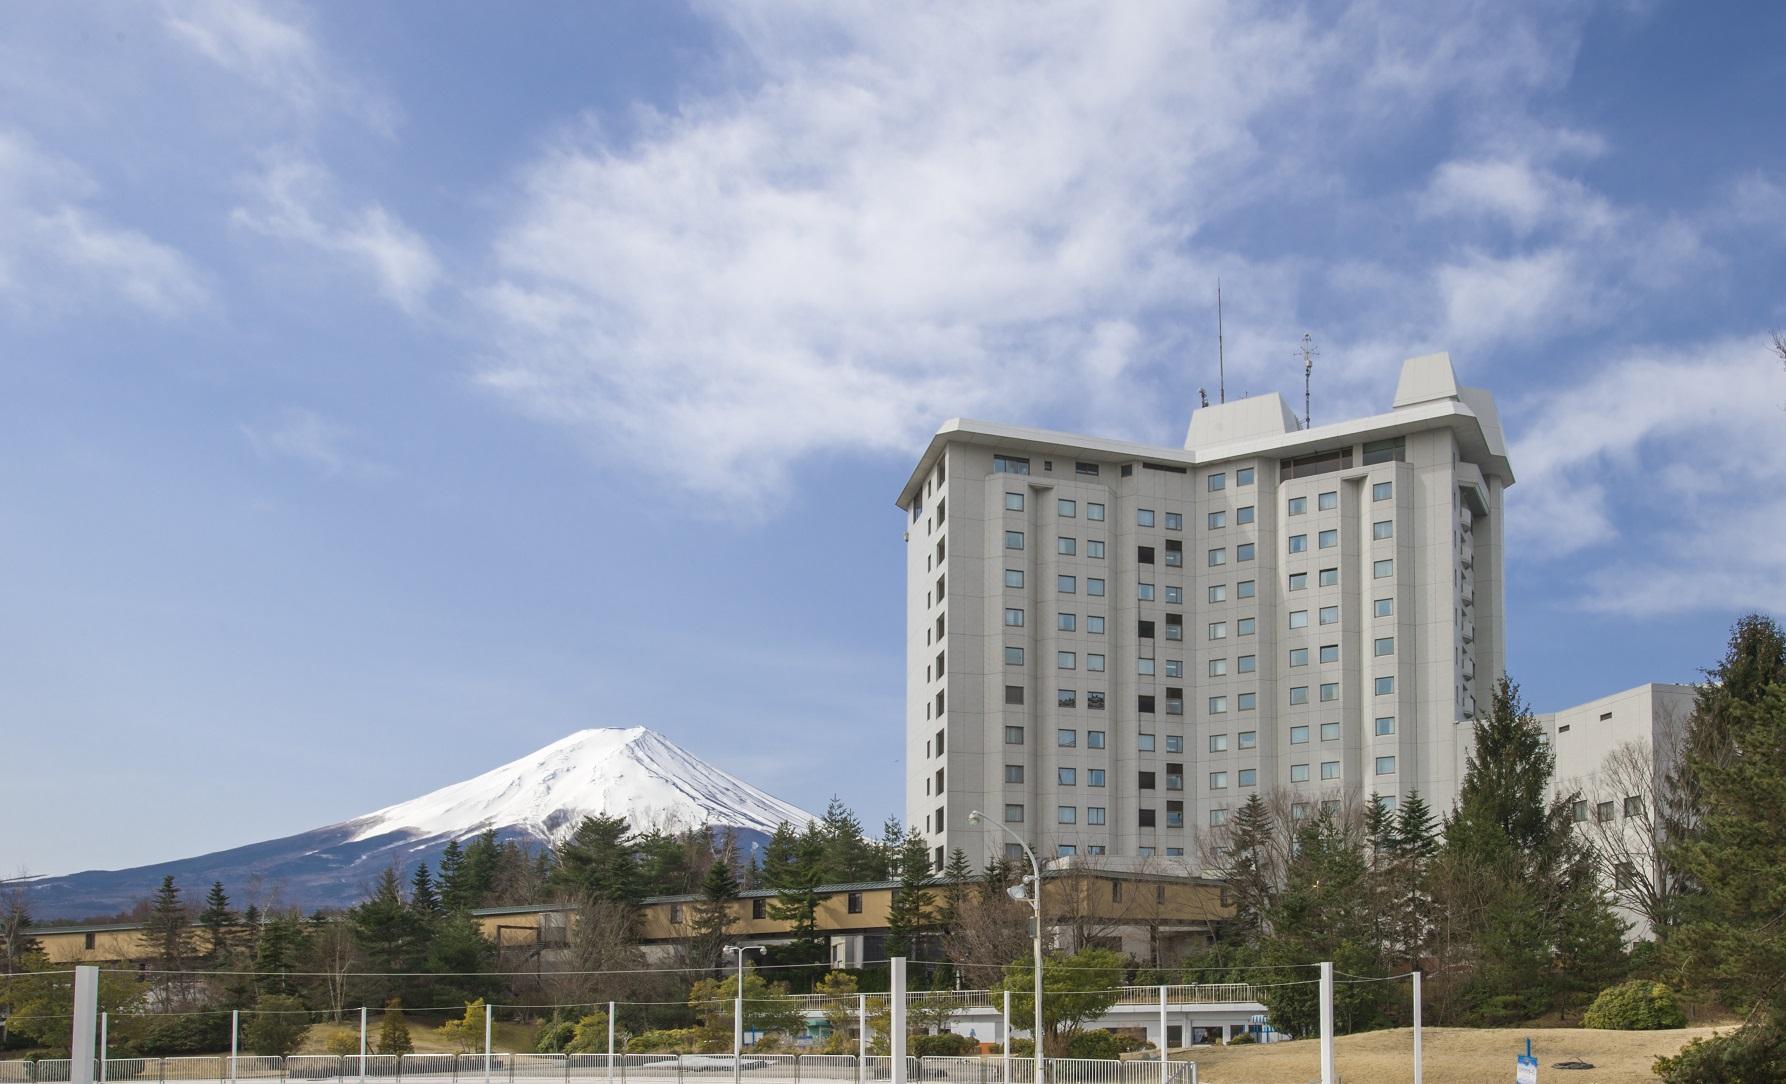 Highland Resort Hotel & Spa 1 night stay plan (2 DAY)